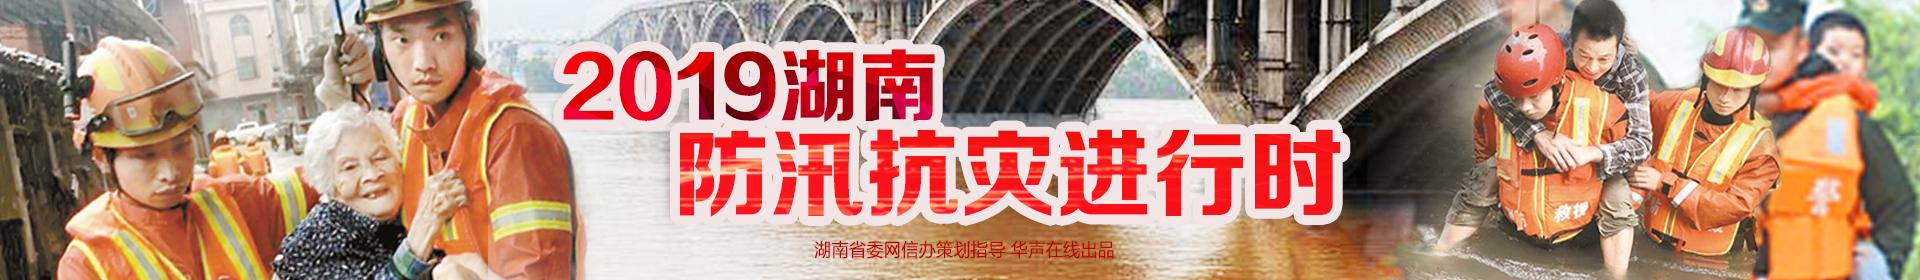 2019湖南防汛抗灾进行时